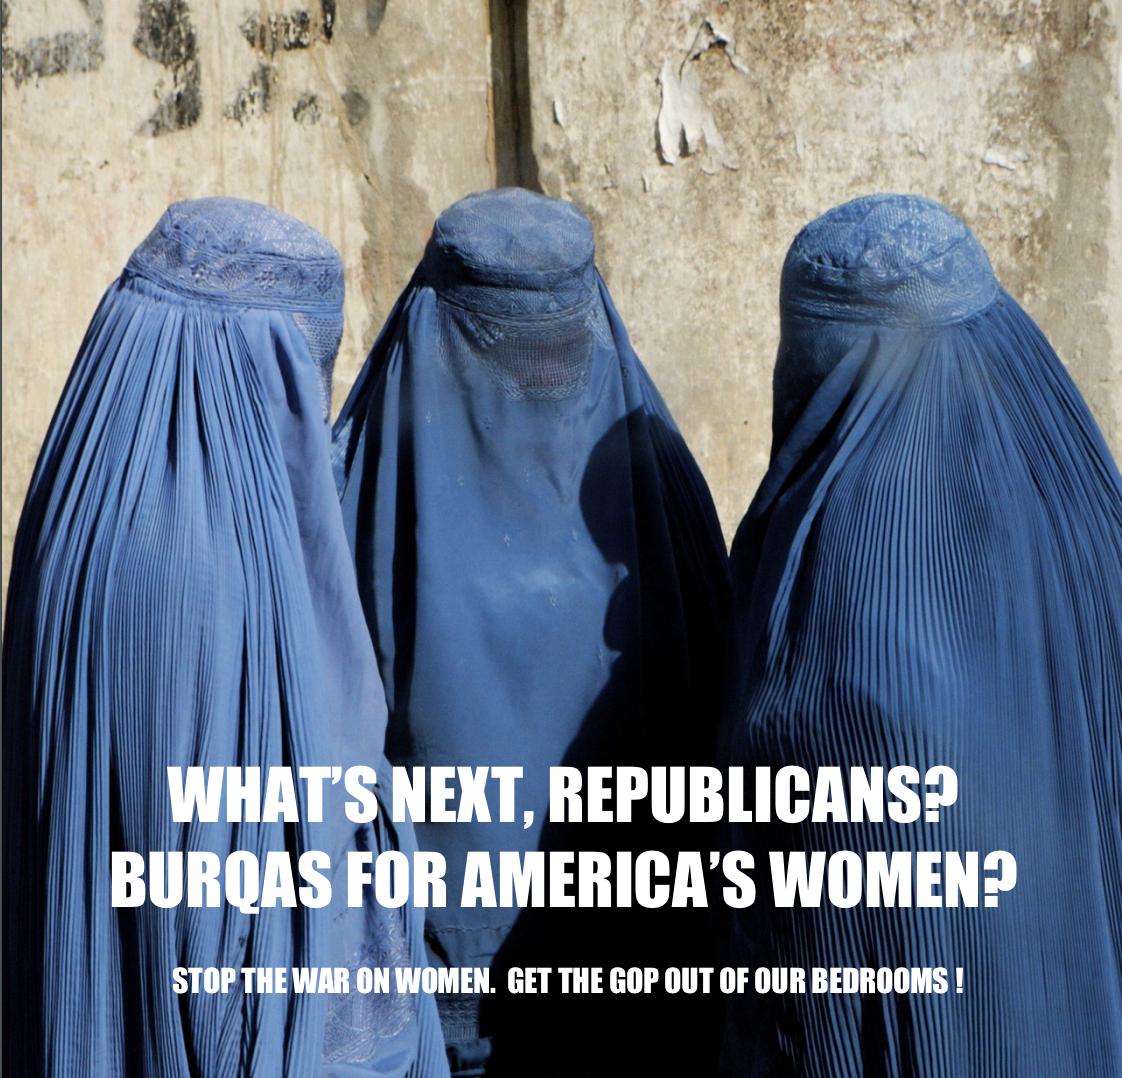 What's Next, Republicans? by poasterchild